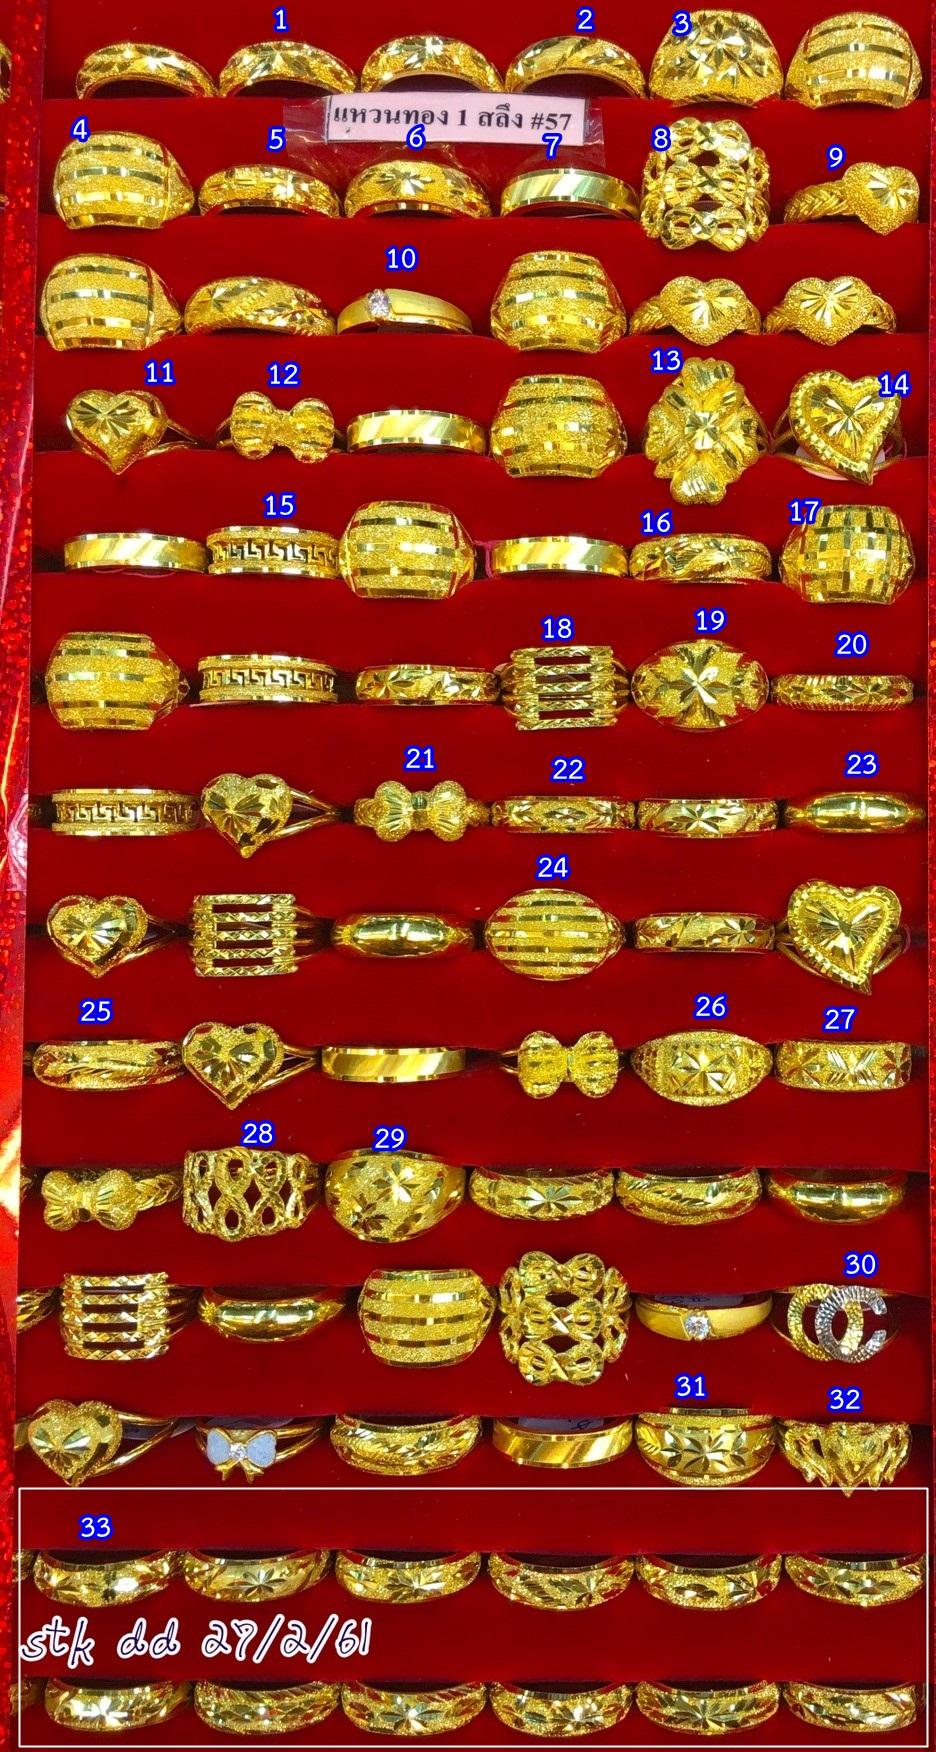 แหวนทองแท้ 96.5 % หนัก 1 สลึง (3.8 กรัม) #57